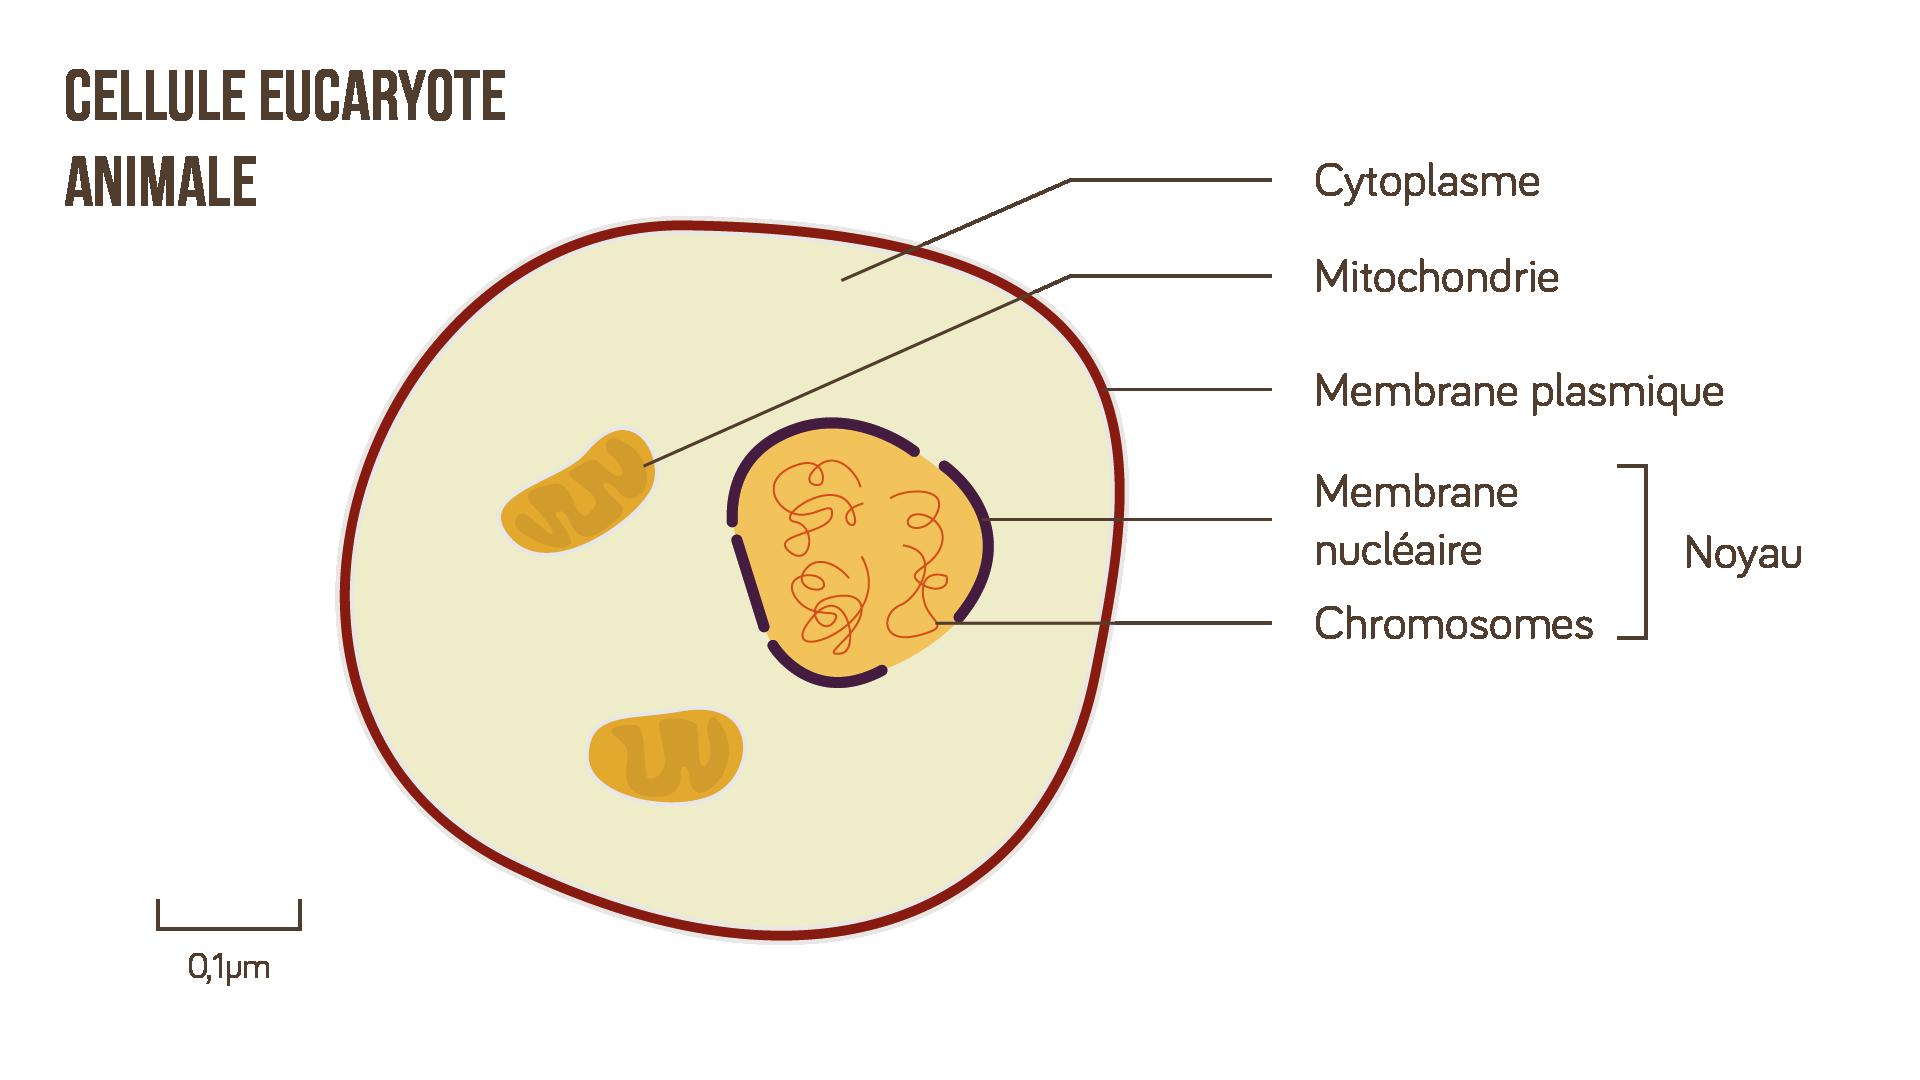 Cellule eucaryote